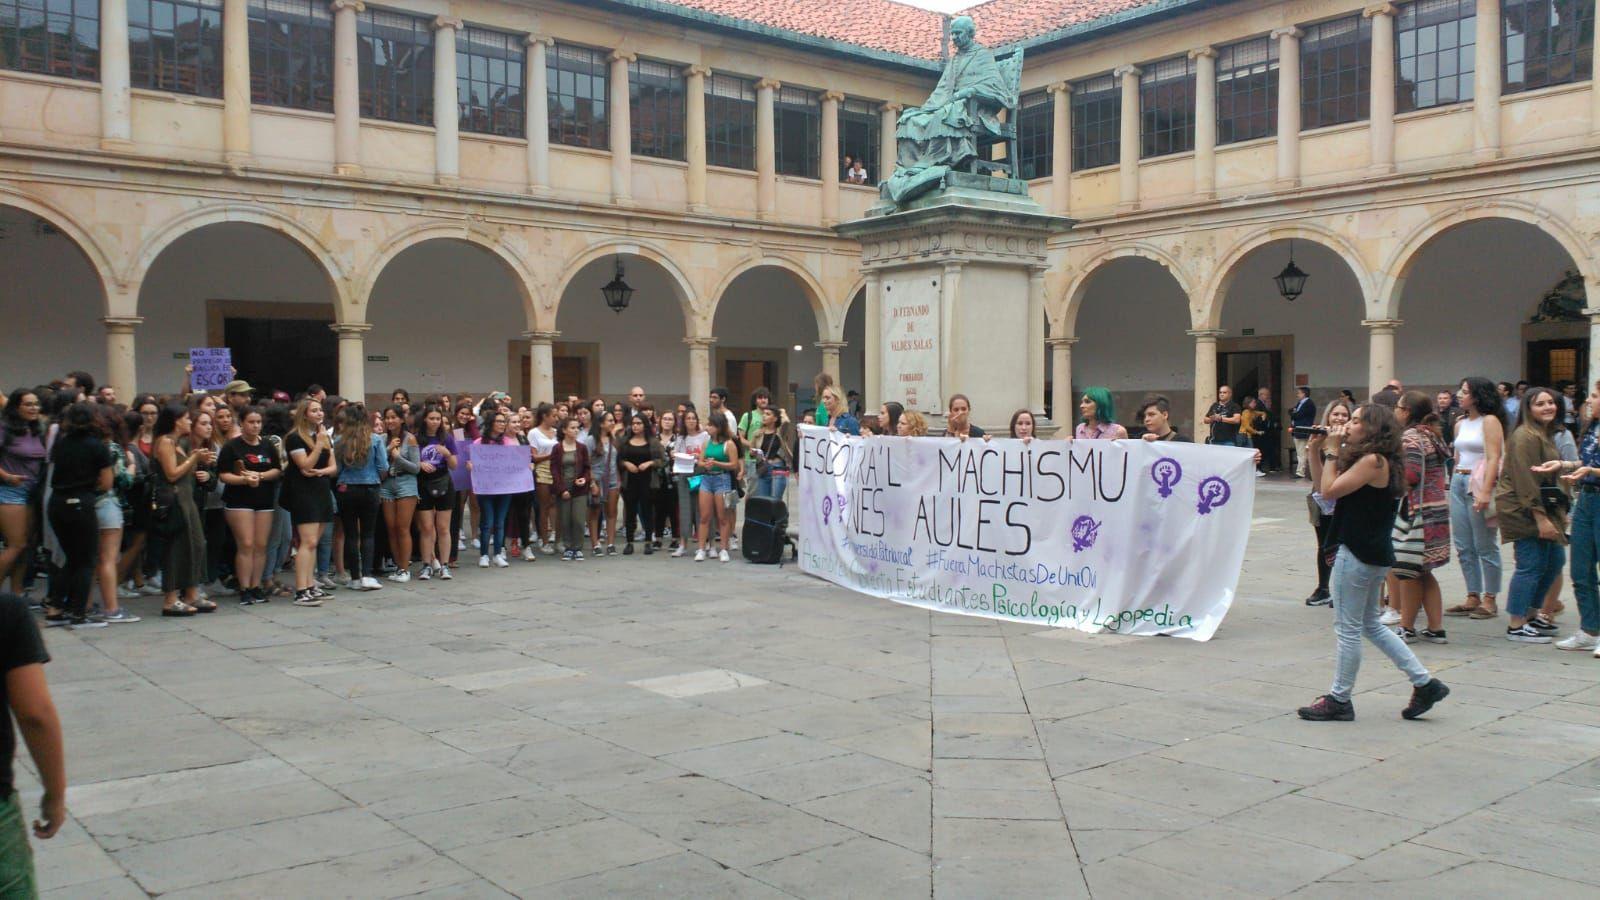 Estudiantes de Oviedo se manifiestan contra el machismo en las aulas.